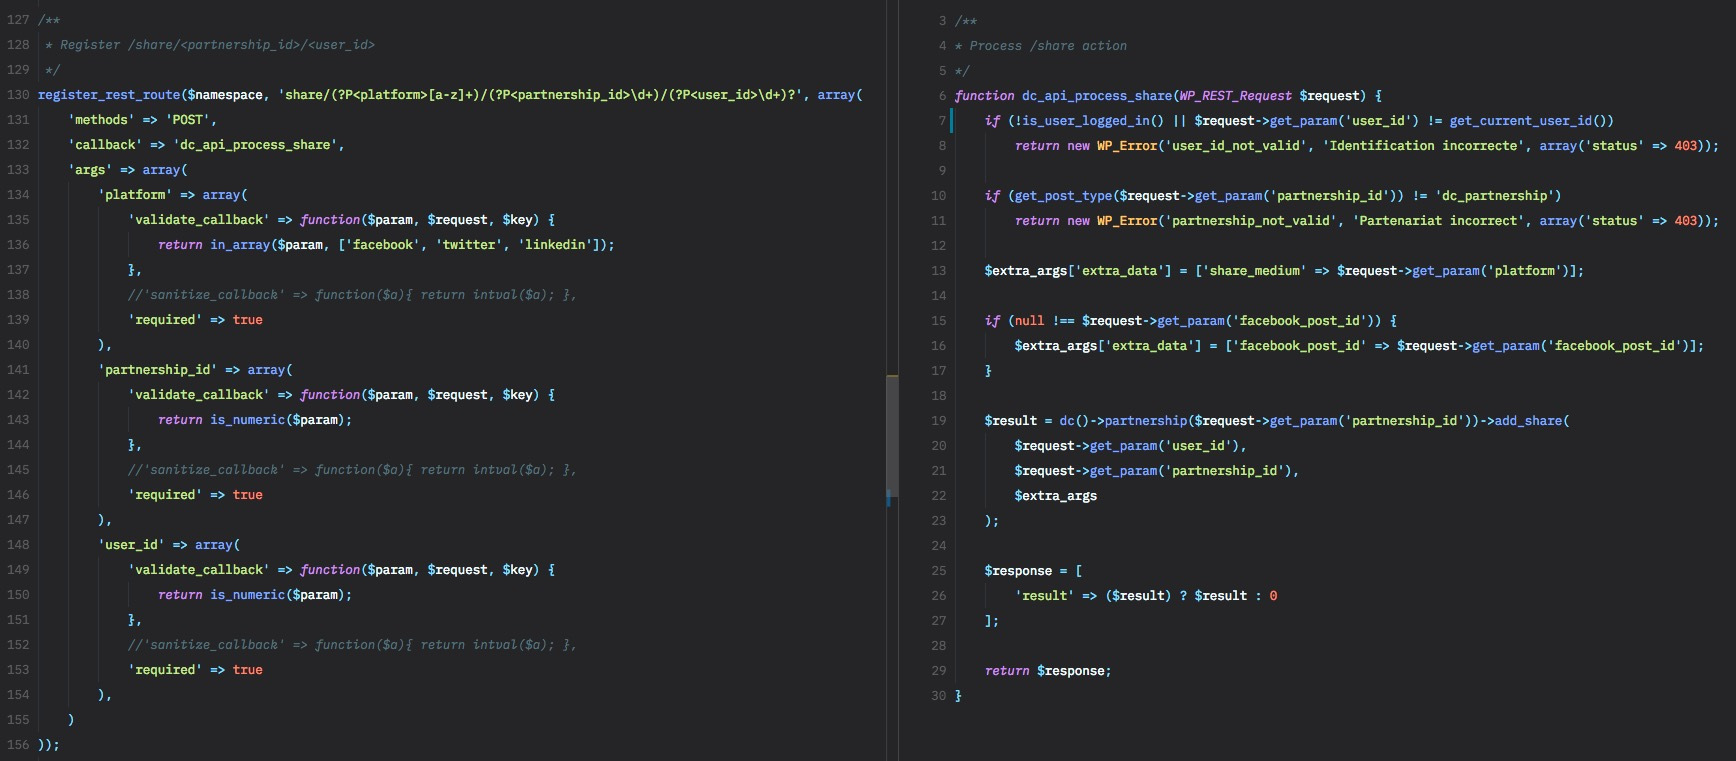 Exemple d'enregistrement d'une nouvelle route (à gauche) dans l'API Rest WordPress et son traitement (à droite)